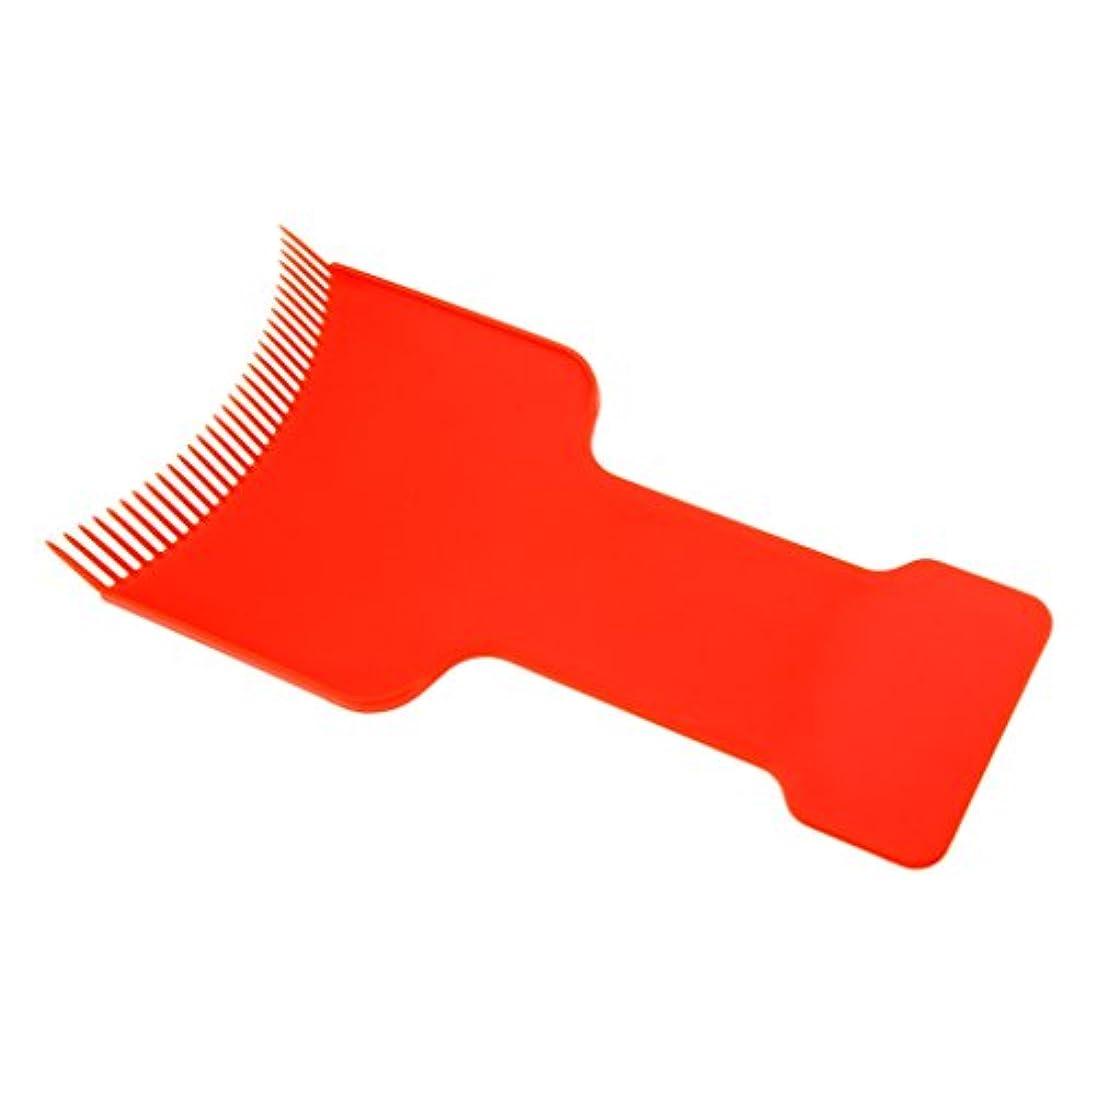 鋸歯状スポーツをする共同選択ヘアカラーボード 染色ボード ヘアカラー ボード ヘアダイコーム プロ サロン 美容院 自宅用 便利